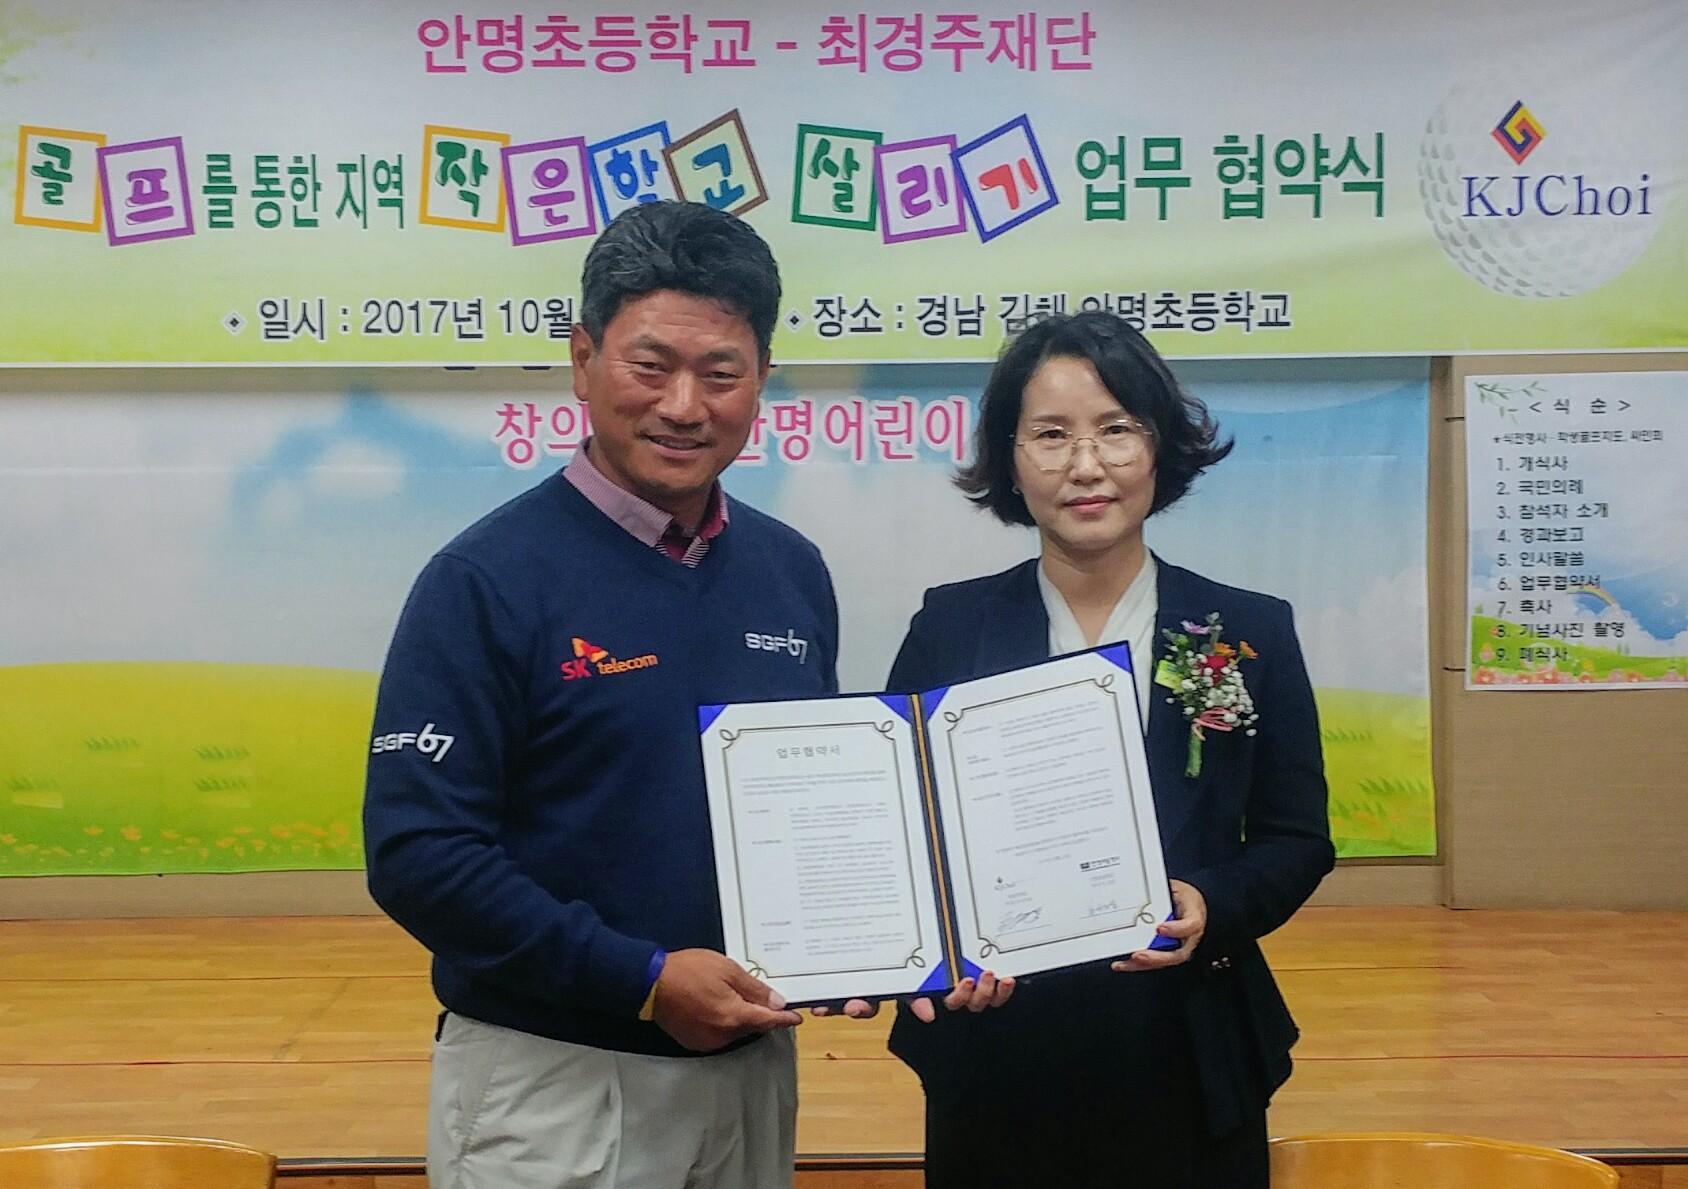 최경주재단, 김해 안명초등학교와 업무협약(MOU) 체결